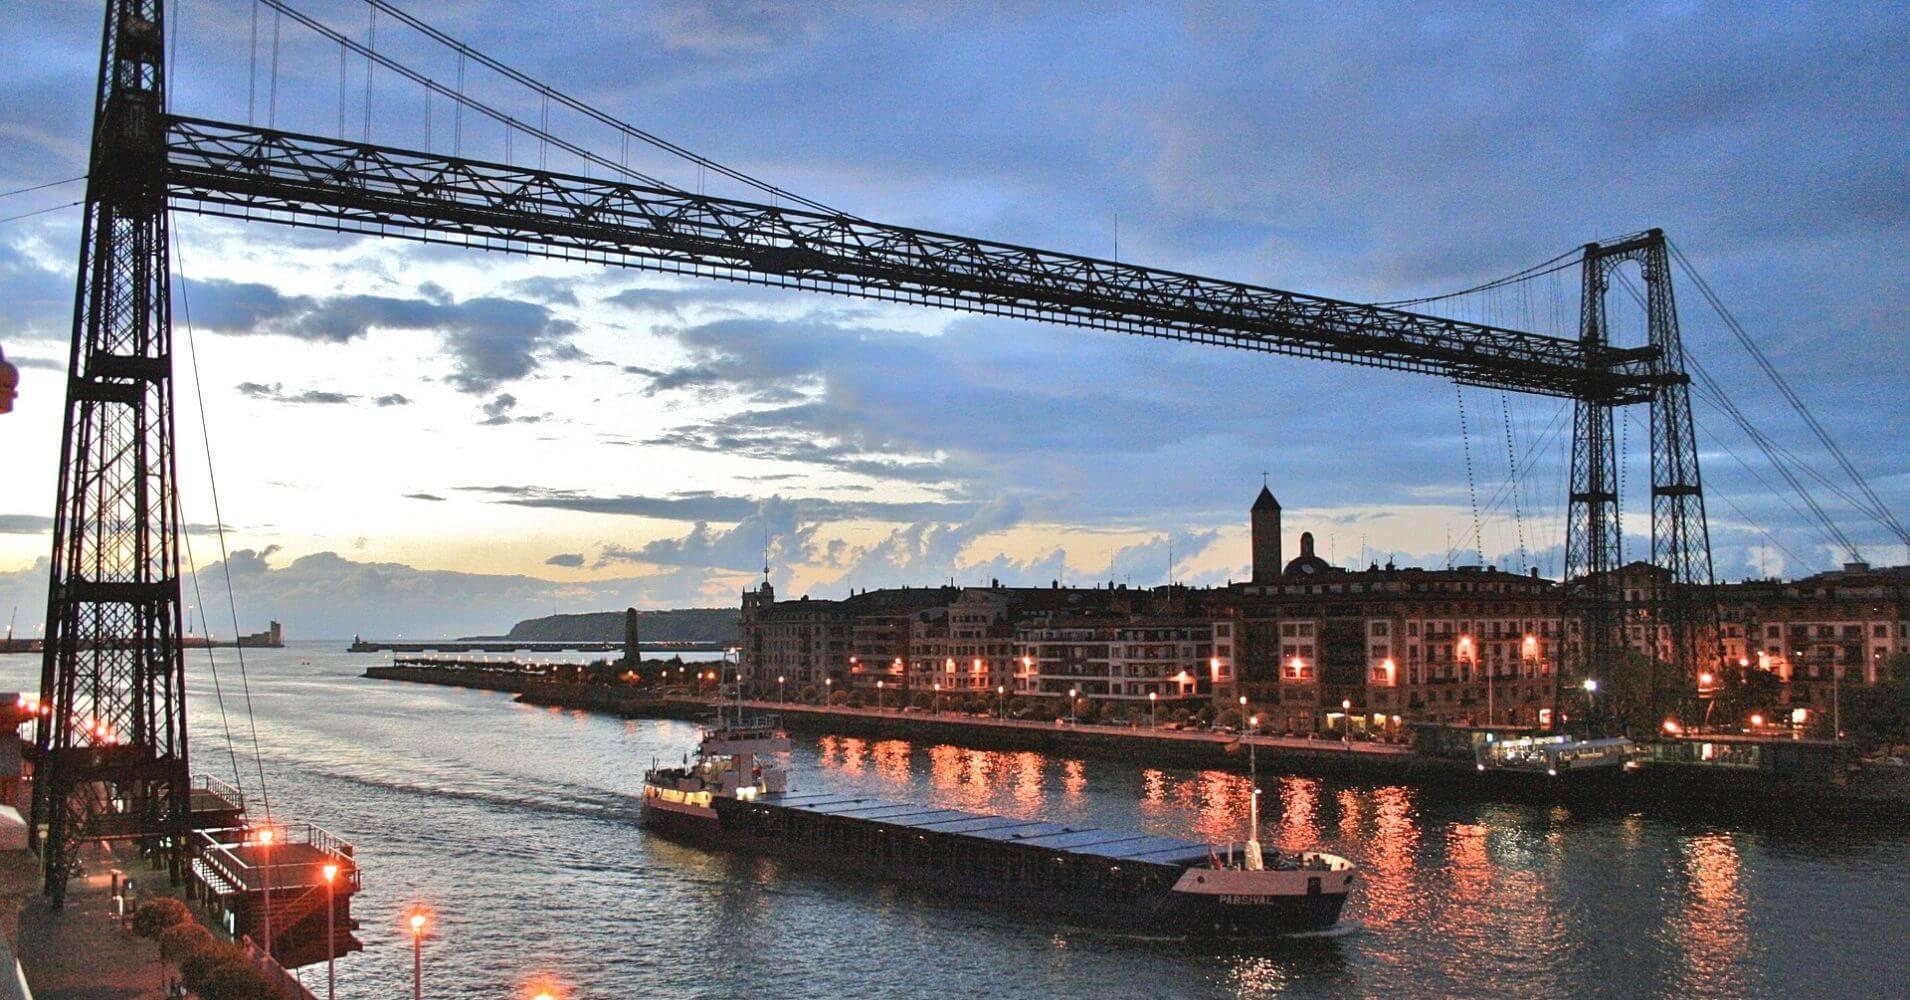 Puente Colgante de Vizcaya o de Portugalete. Bilbao, Euskadi. País Vasco.